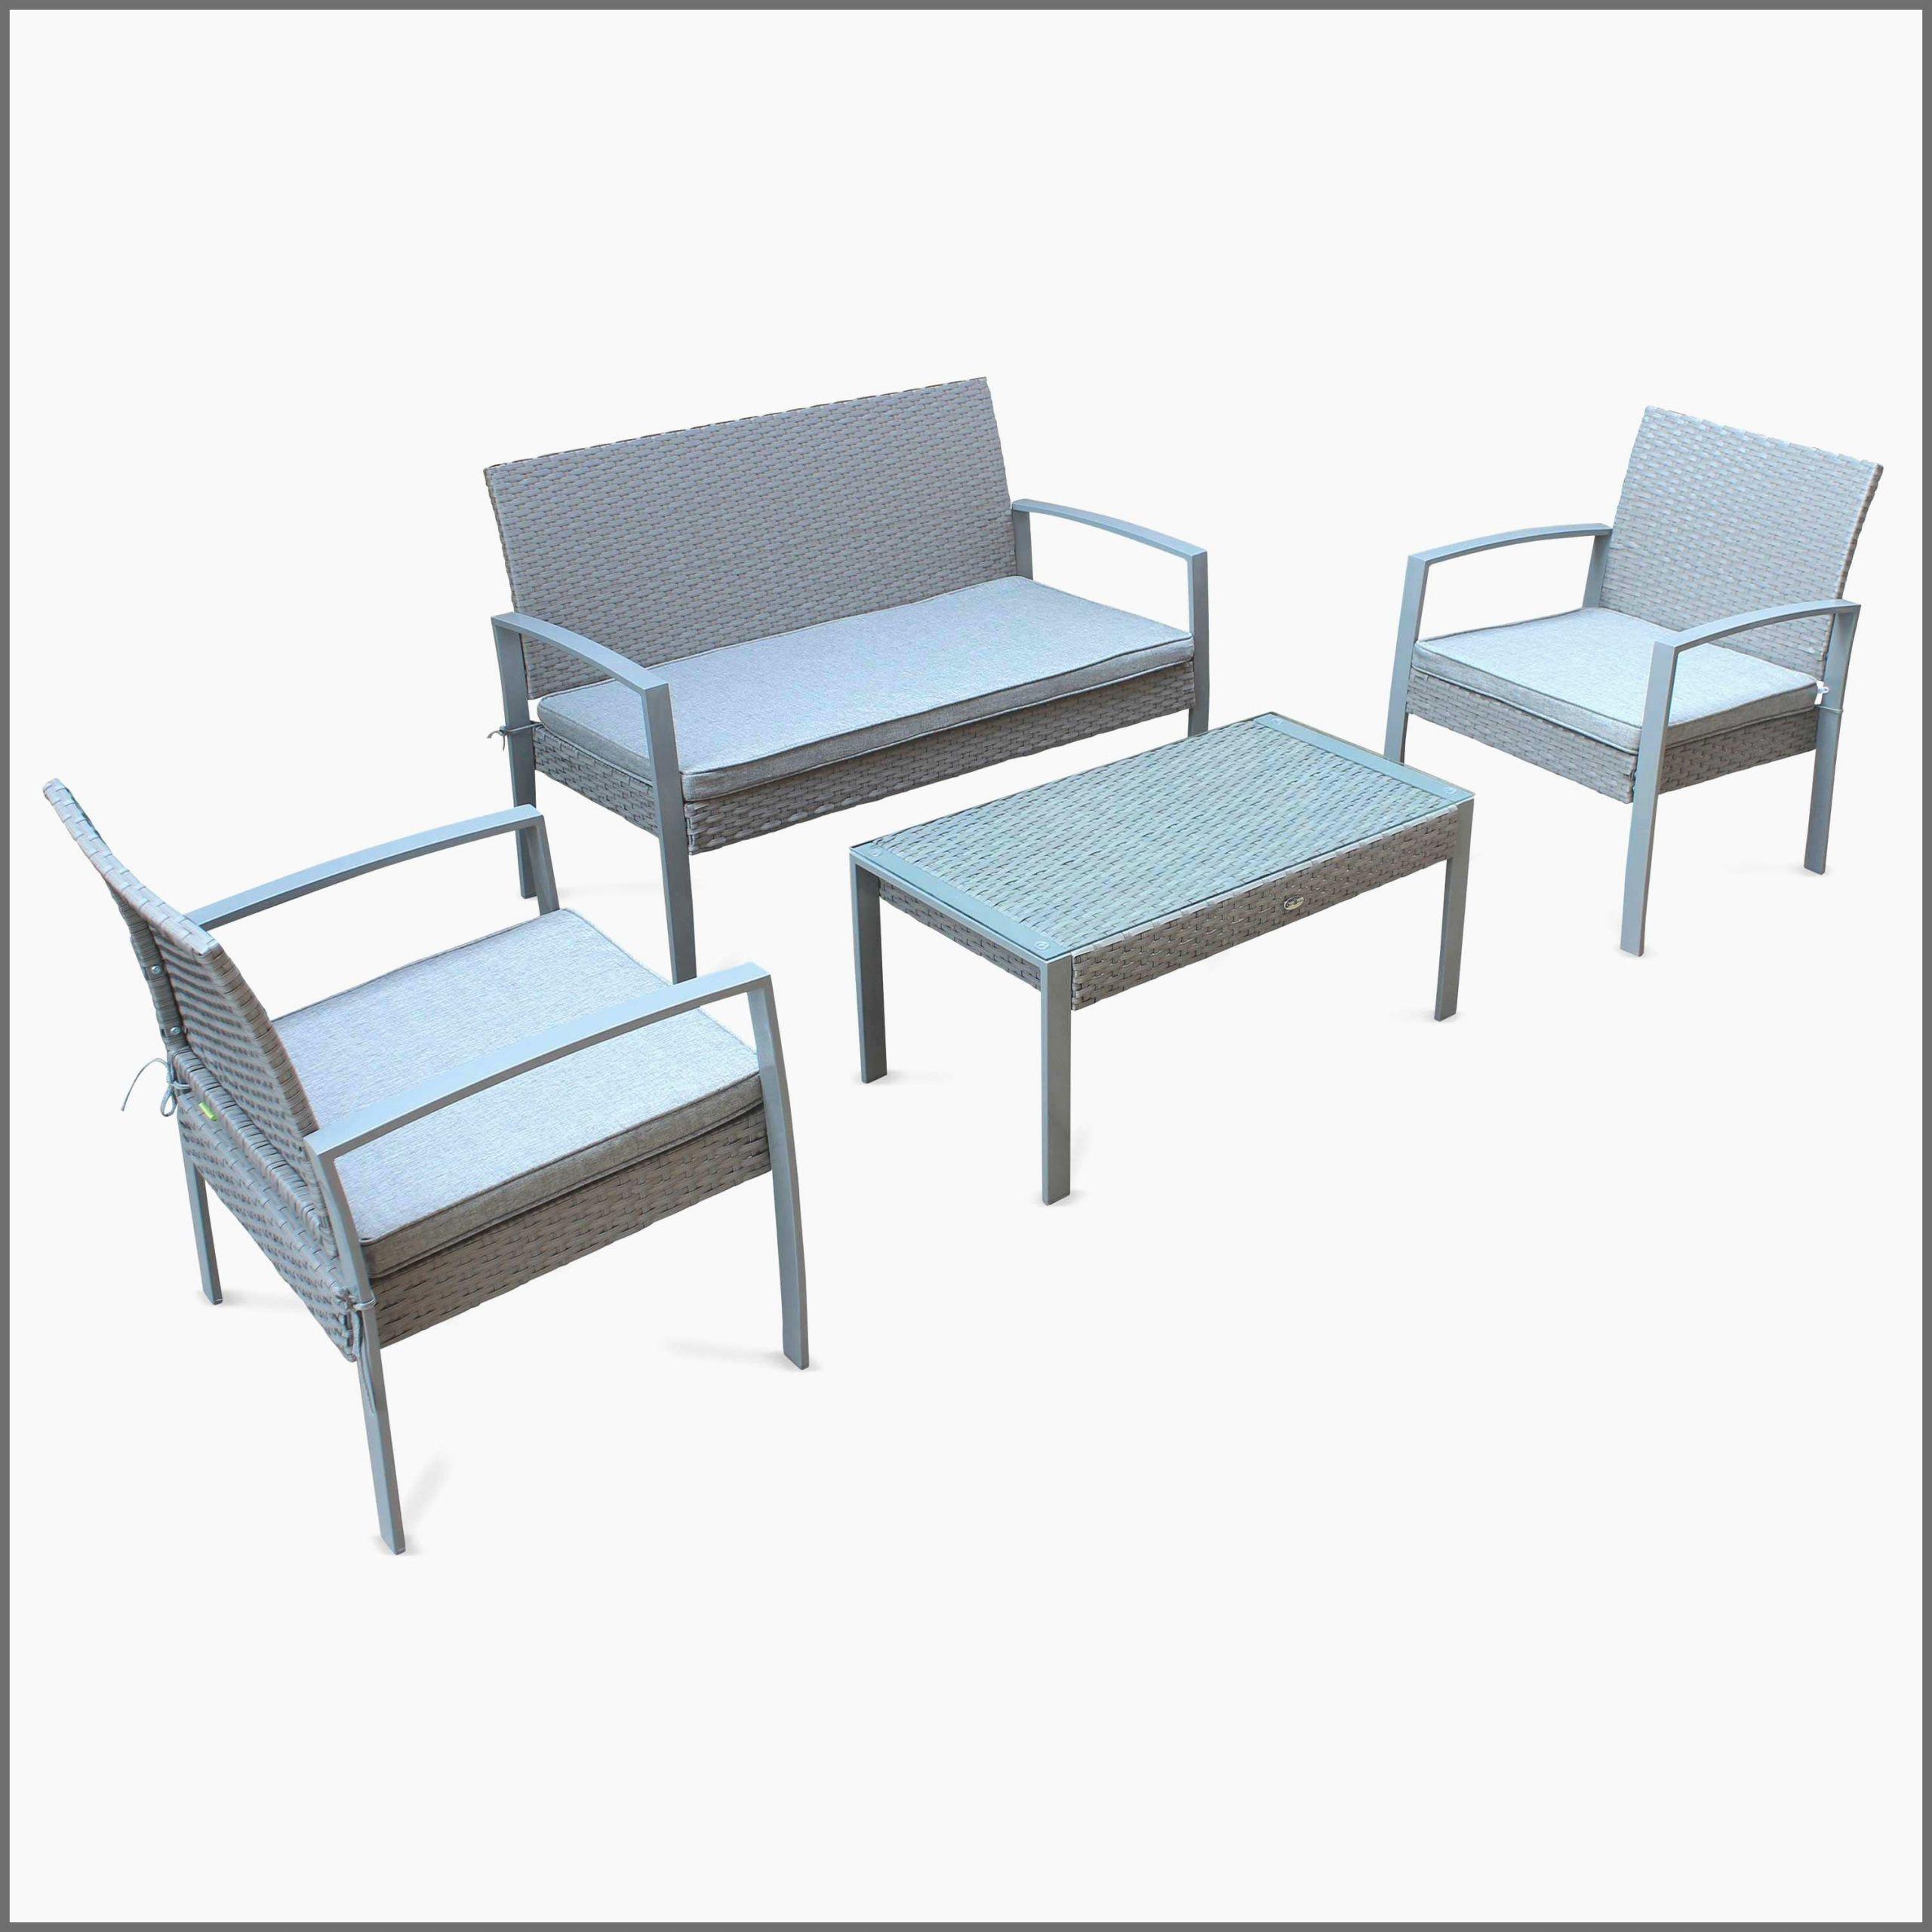 38 Luxe Mobilier Jardin Castorama | Salon Jardin concernant Castorama Meubles De Jardin